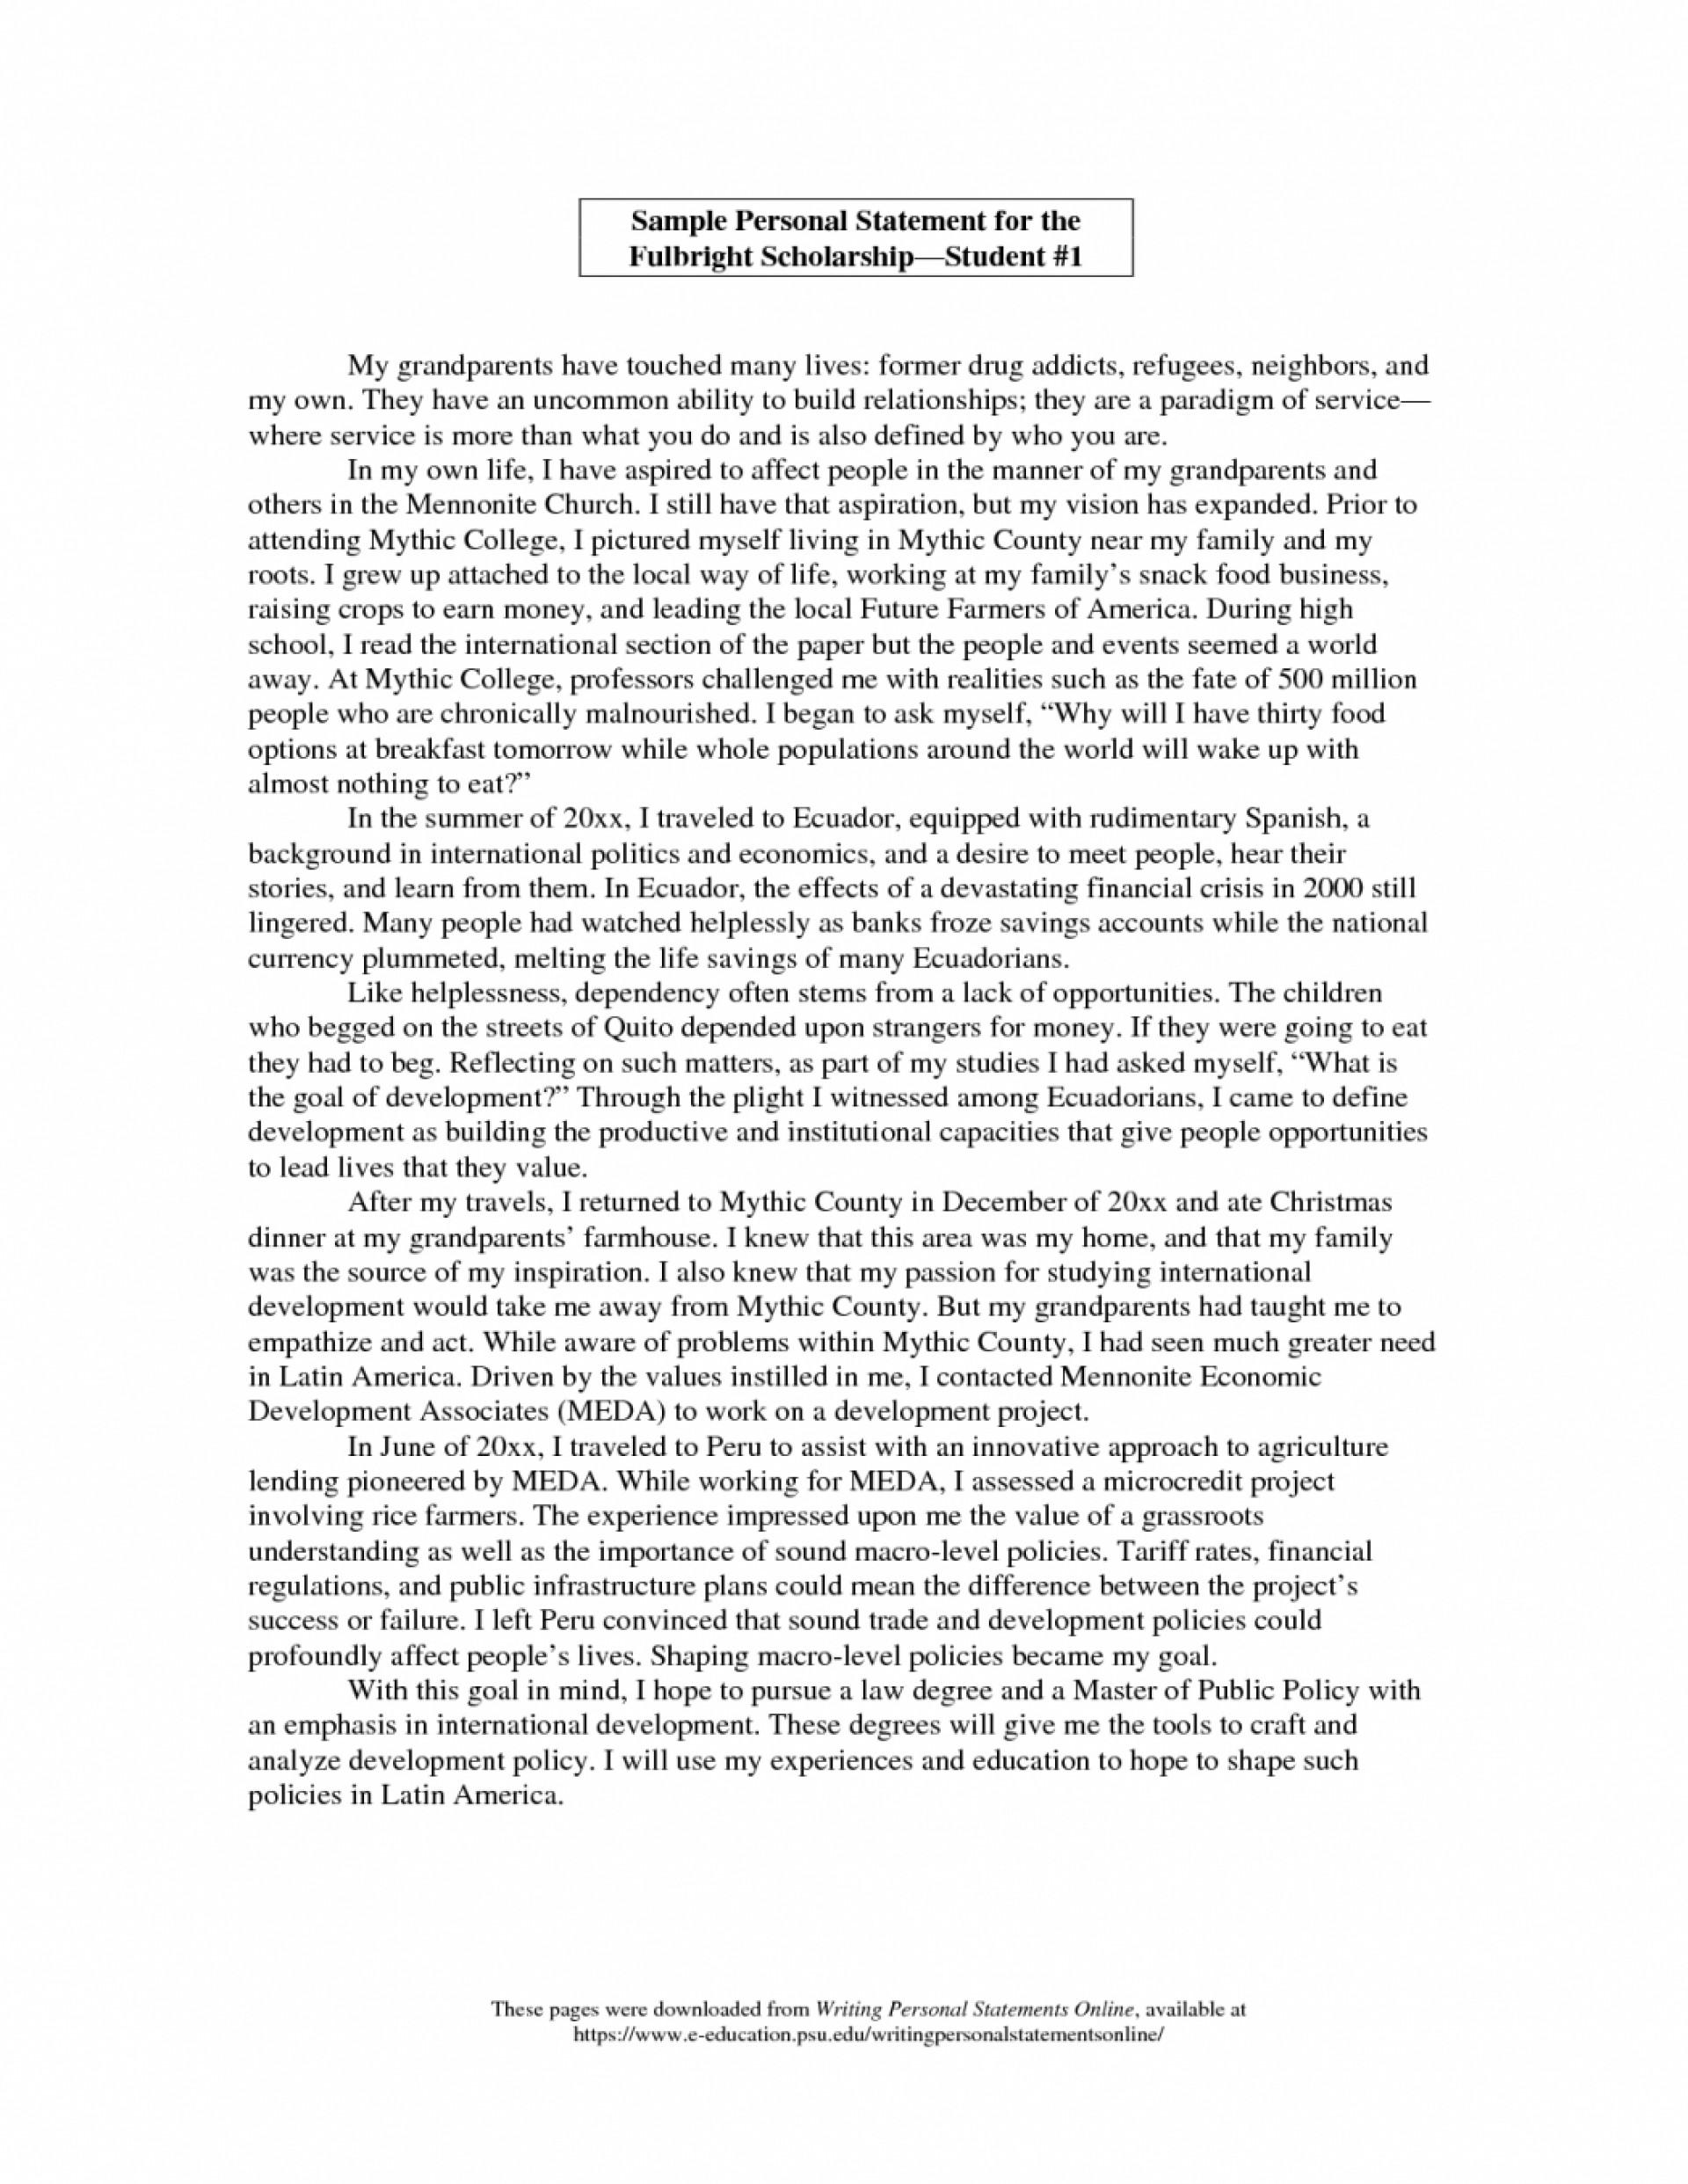 Fahrenheit 451 essay questions